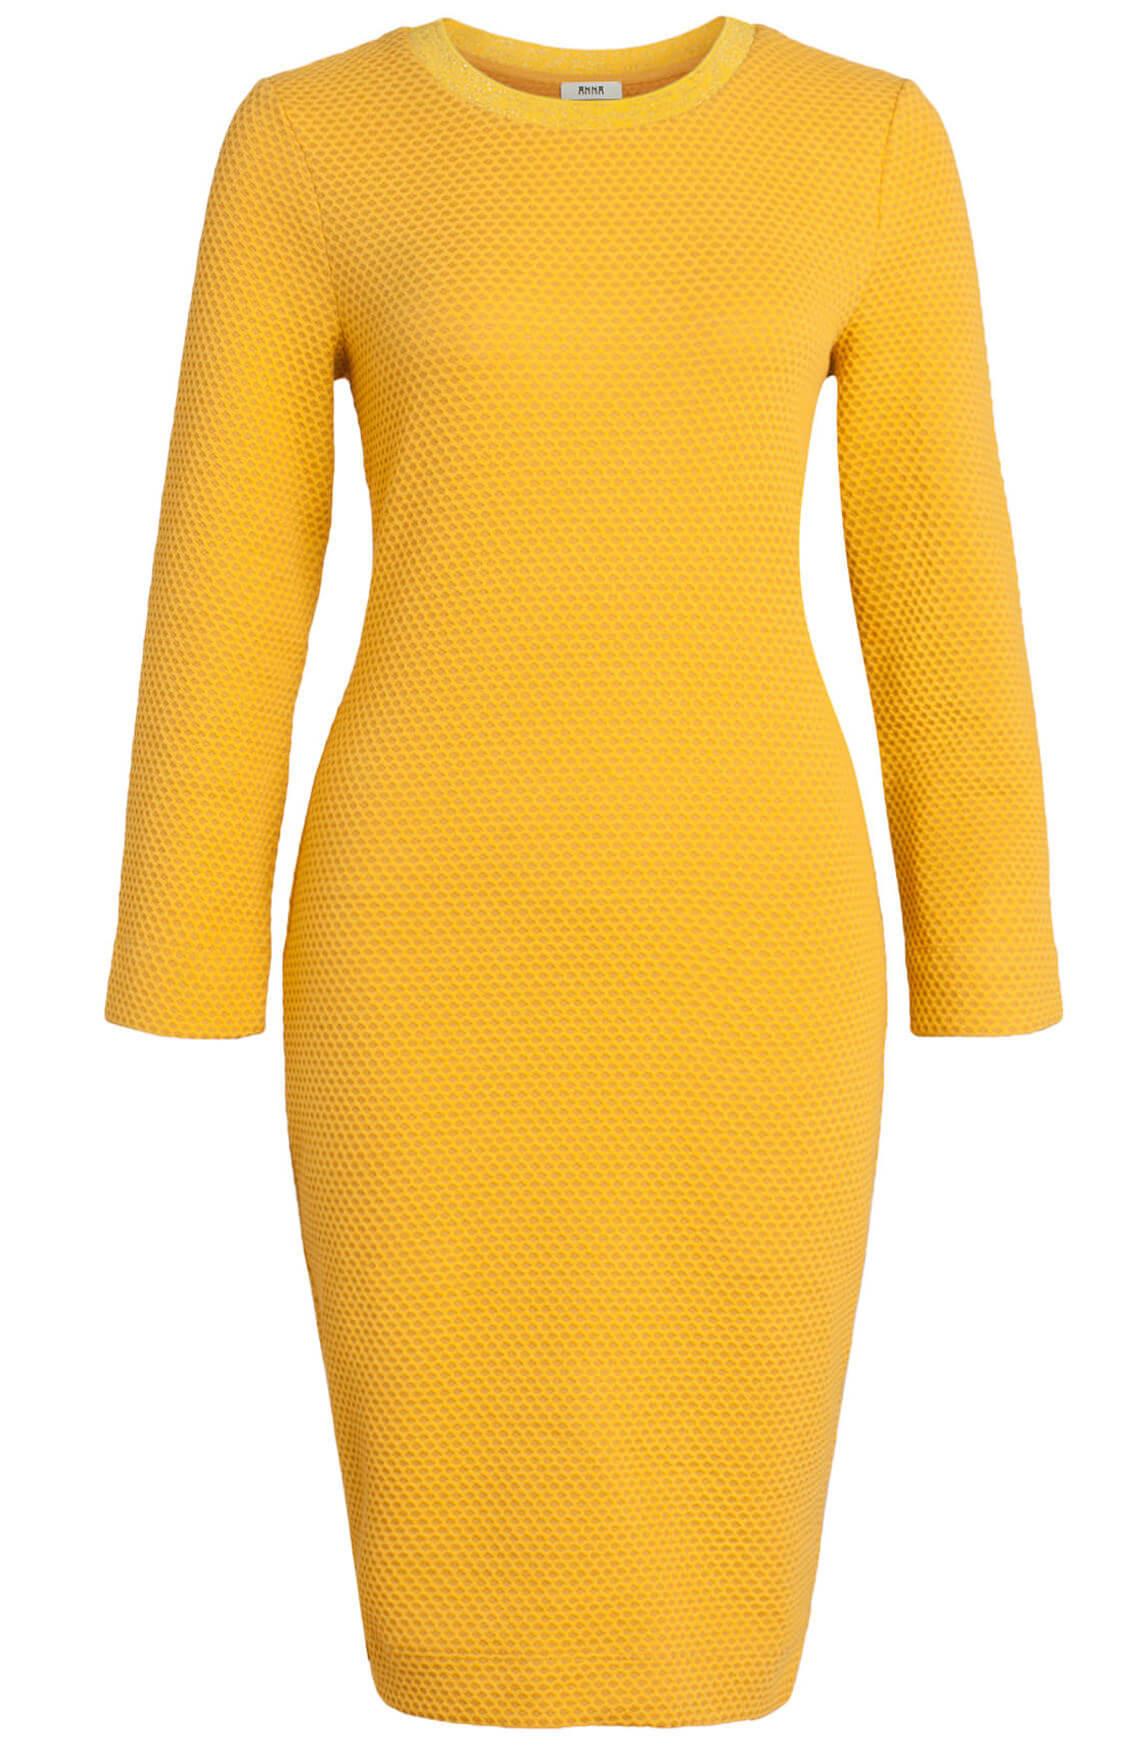 Anna Dames Structuur jurk geel